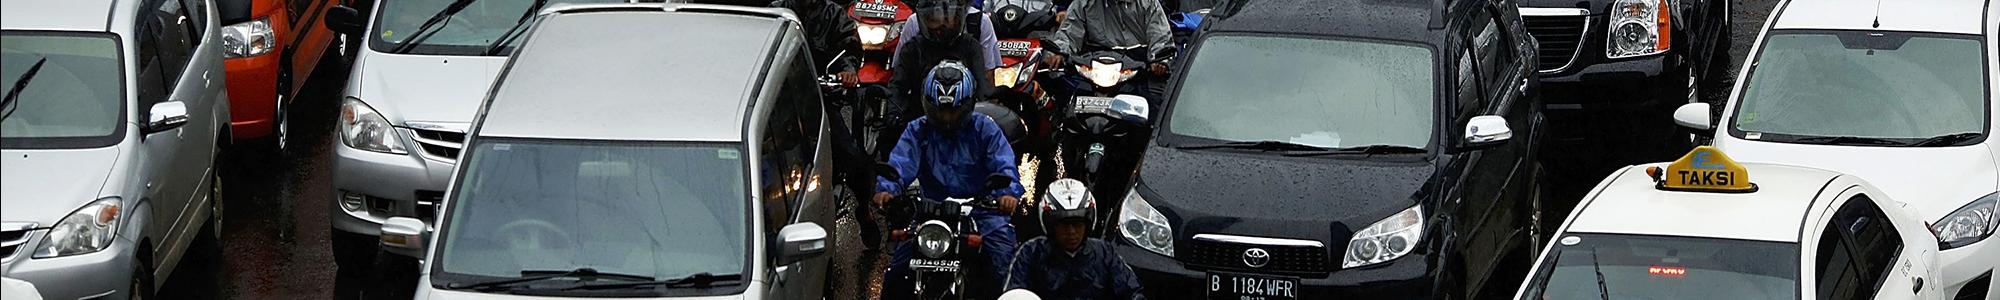 verkeersdrukte indonesië